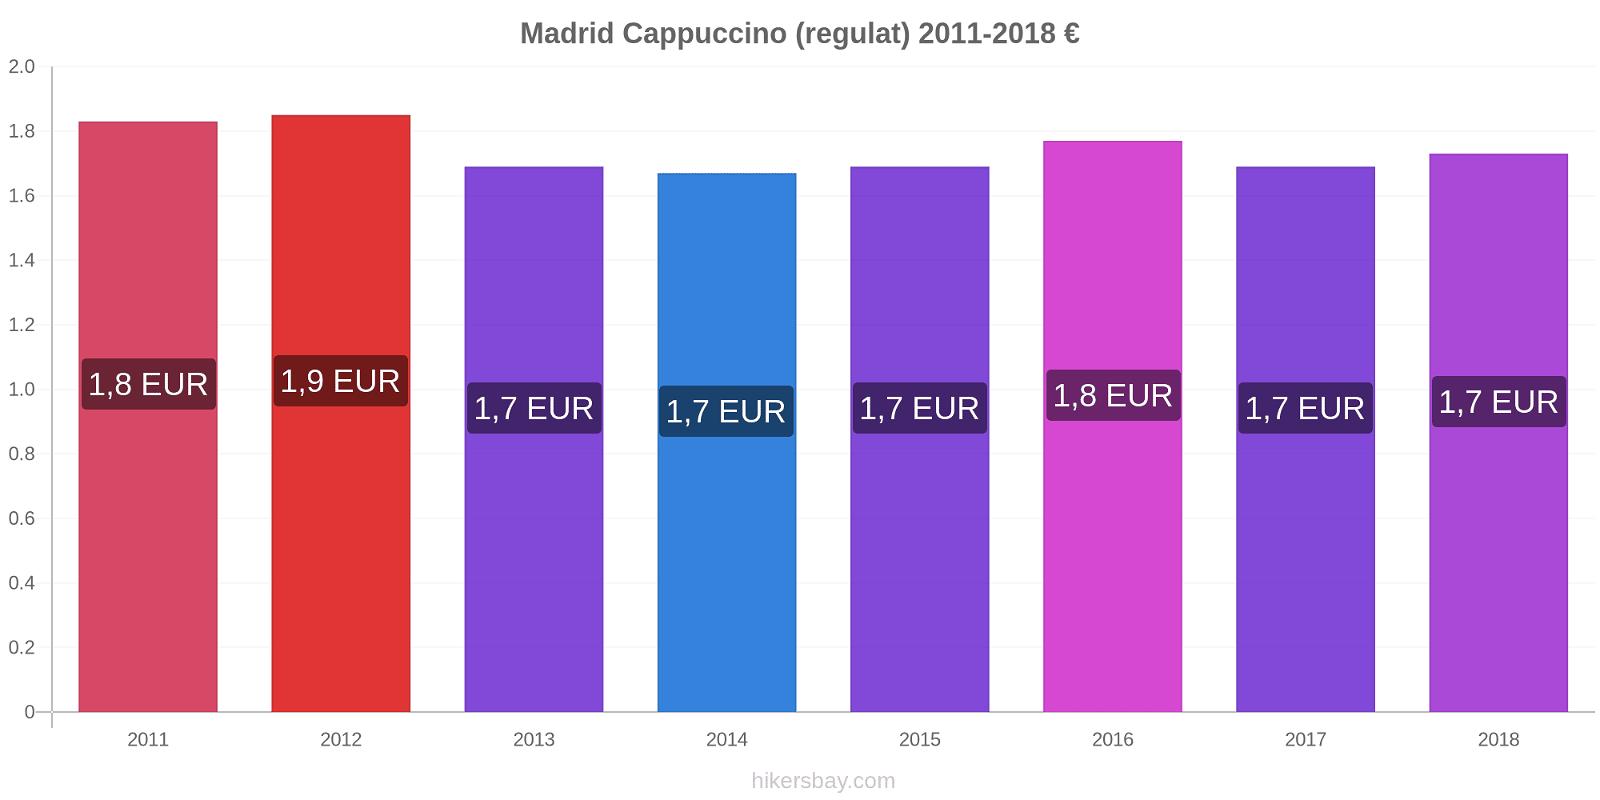 Madrid modificări de preț Cappuccino (regulat) hikersbay.com